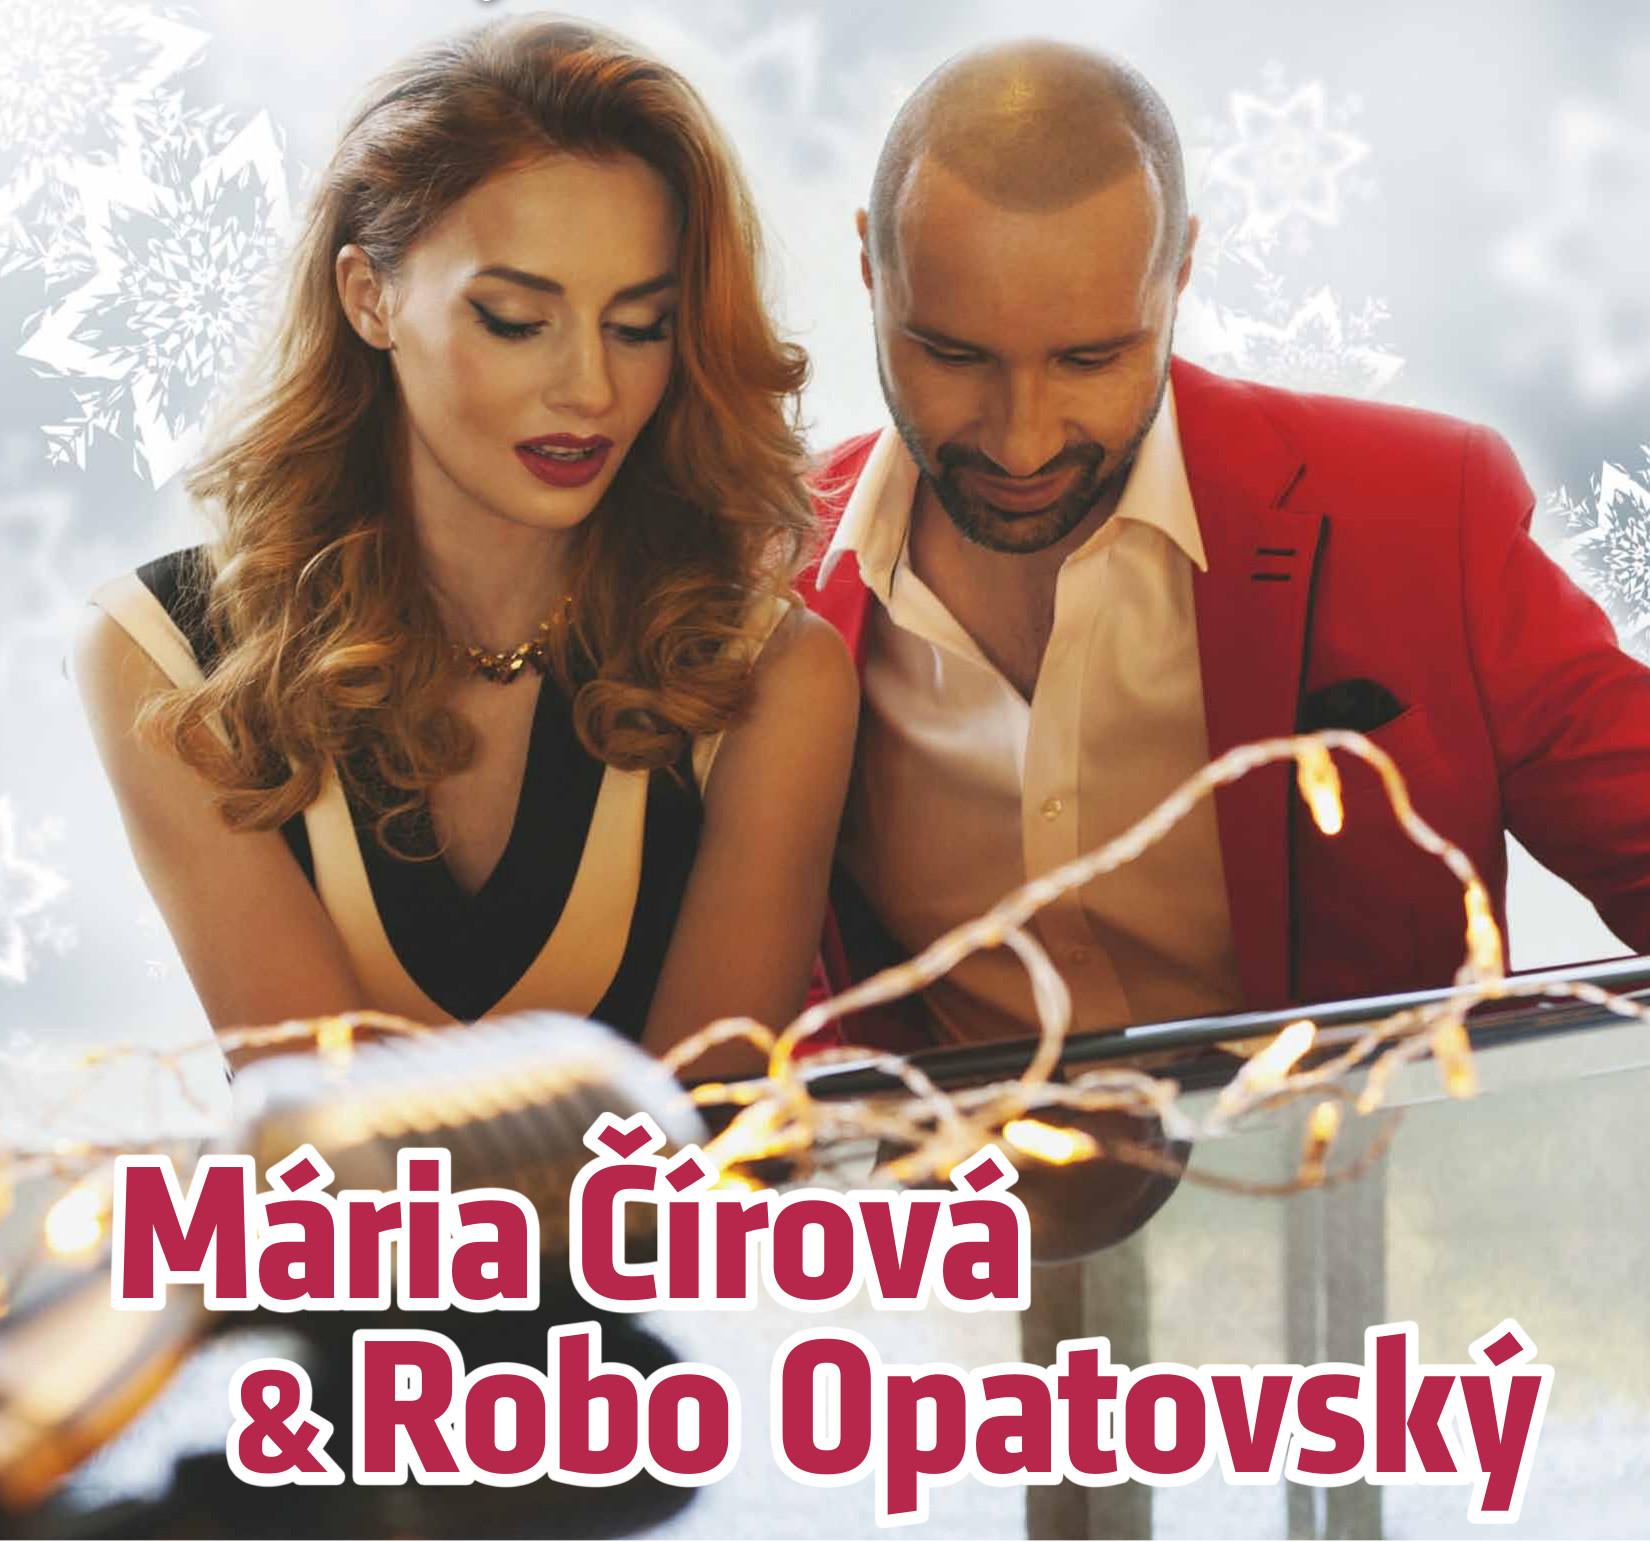 Vianočné turné Mária Čírová   Robo Opatovs - Kam v meste  ab9eb8d69a9